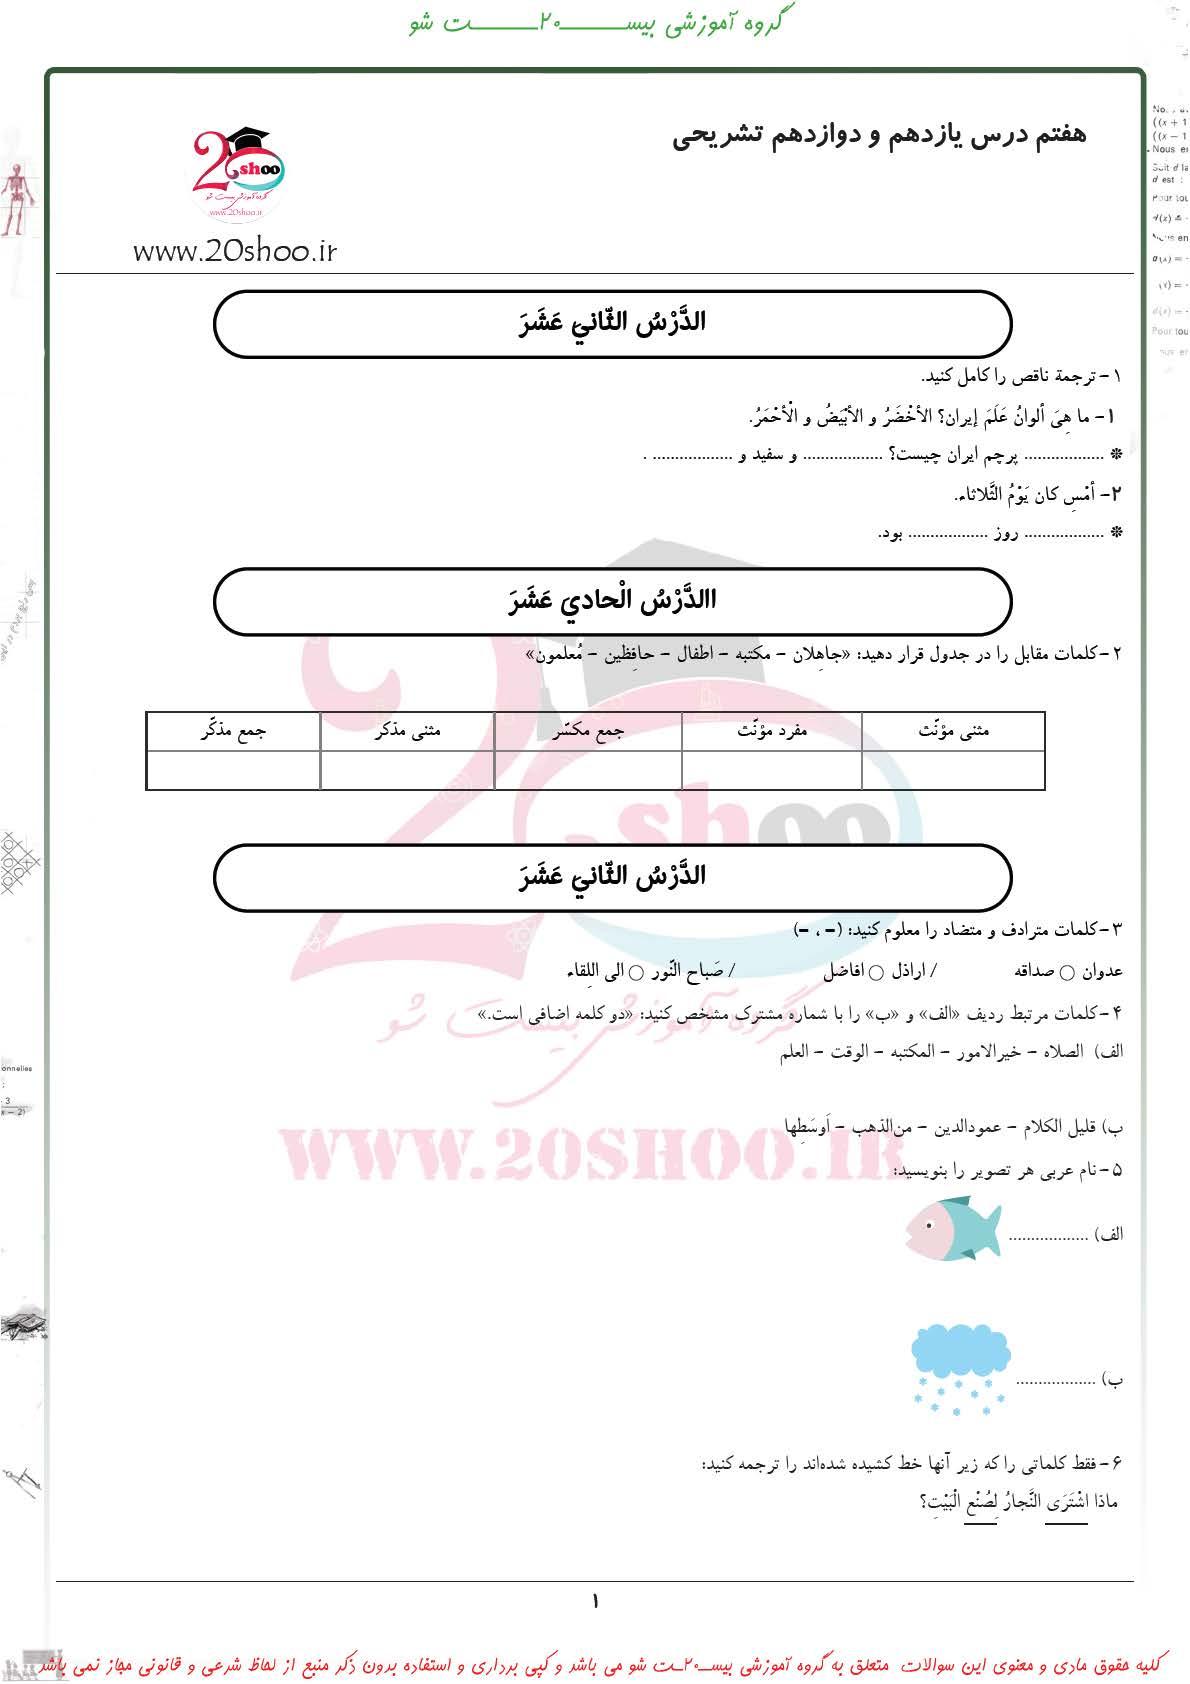 نمونه سوالات تستی عربی هفتم درس 11 و 12_Page_02